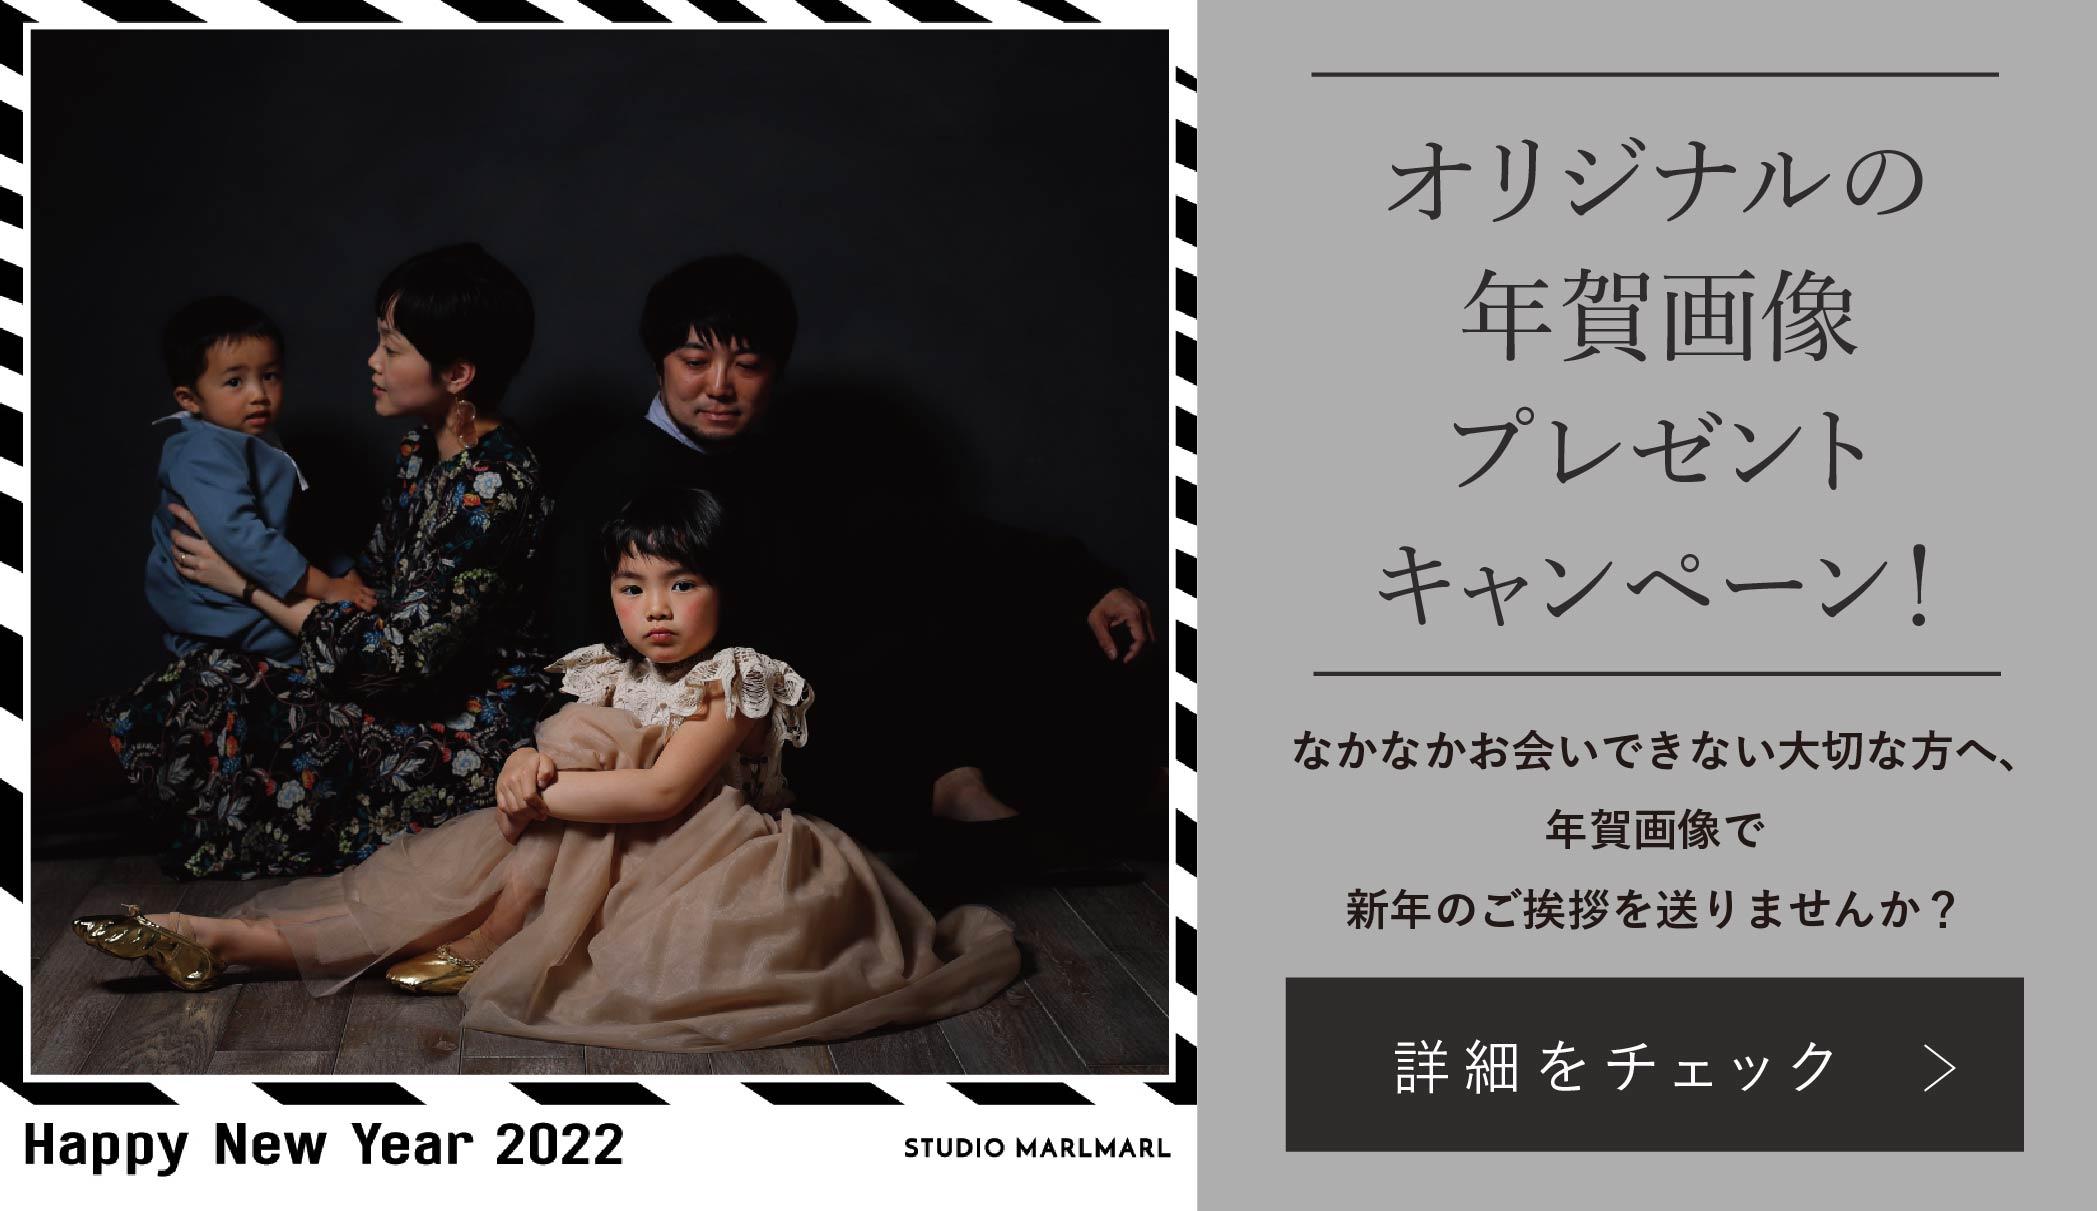 年賀状キャンペーン画像